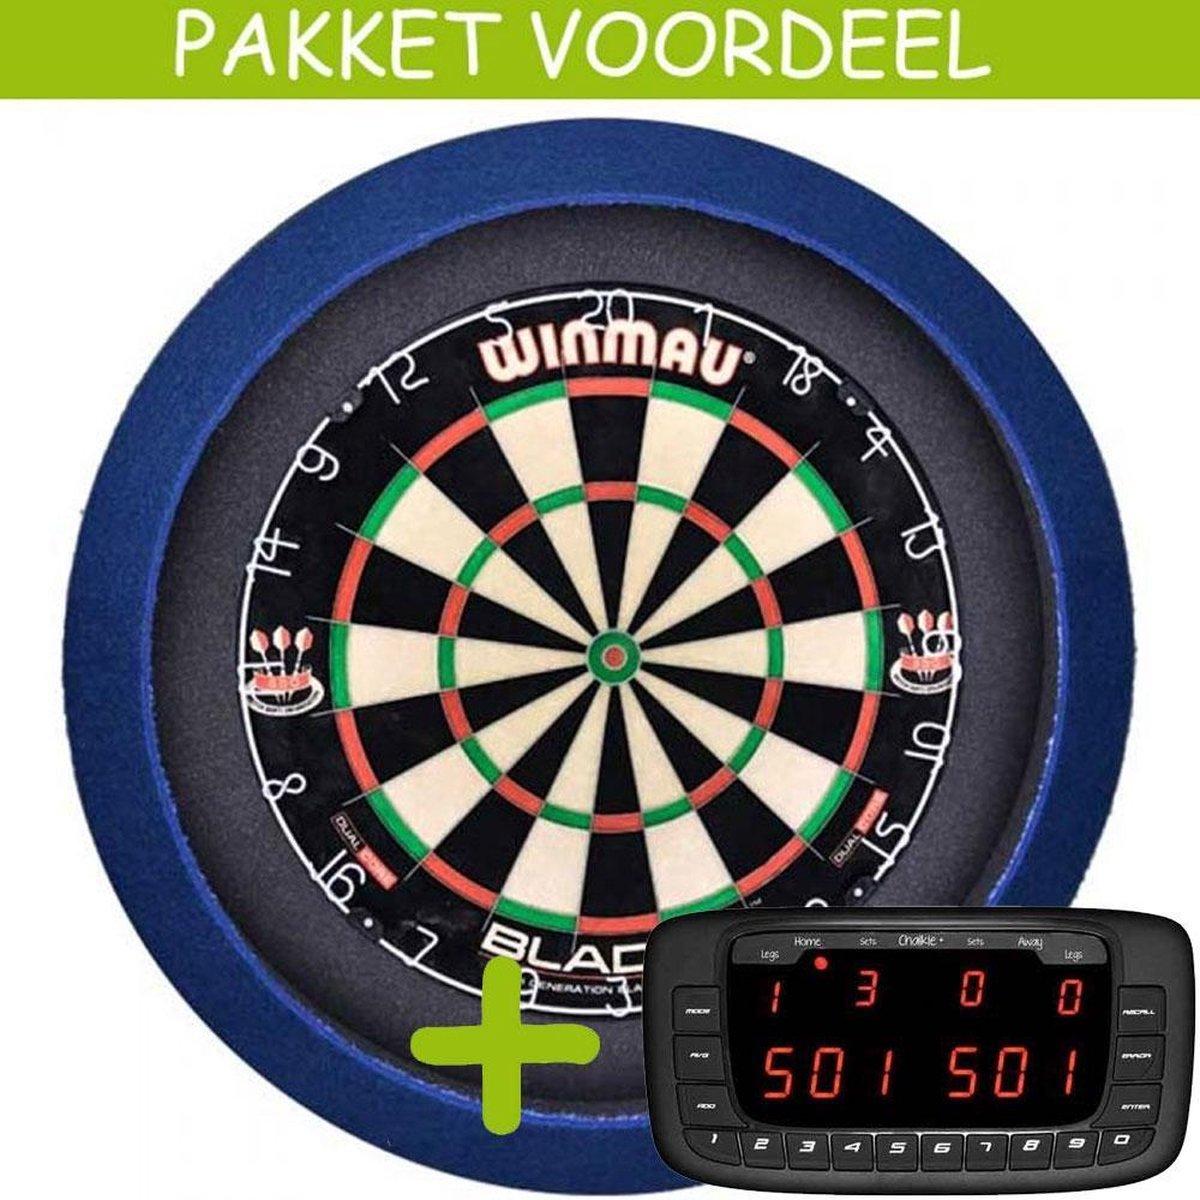 Elektronisch Dart Scorebord VoordeelPakket (Chalkie + ) - Blade 5 - Dartbordverlichting Basic (Blauw)